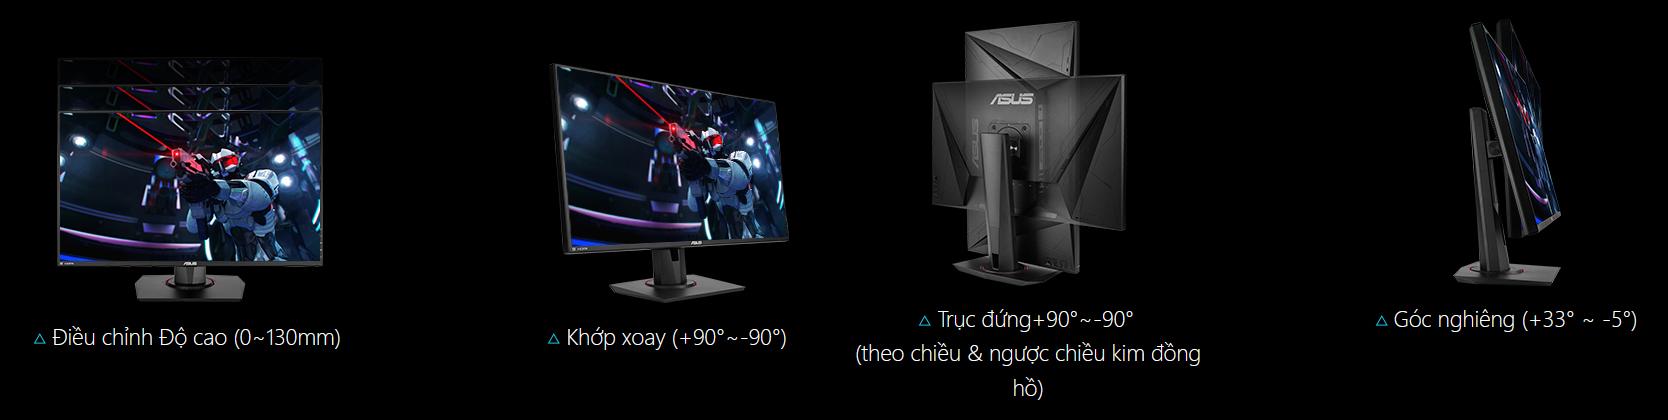 ASUS TUF Gaming VG279Q được thiết kế chuyên dụng cho các phiên chơi game